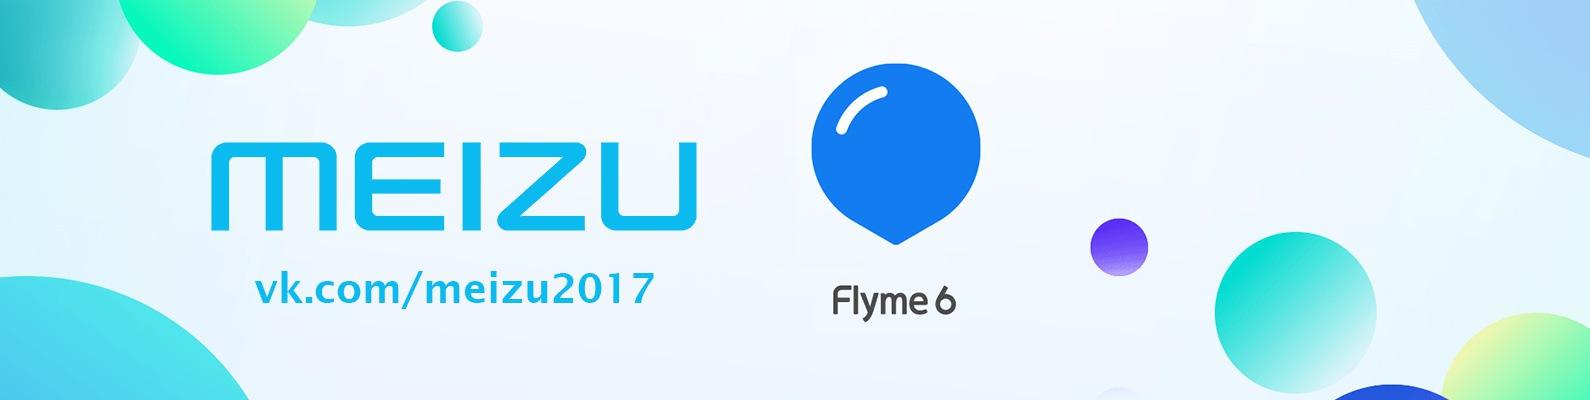 когда выйдет новое обновление flyme